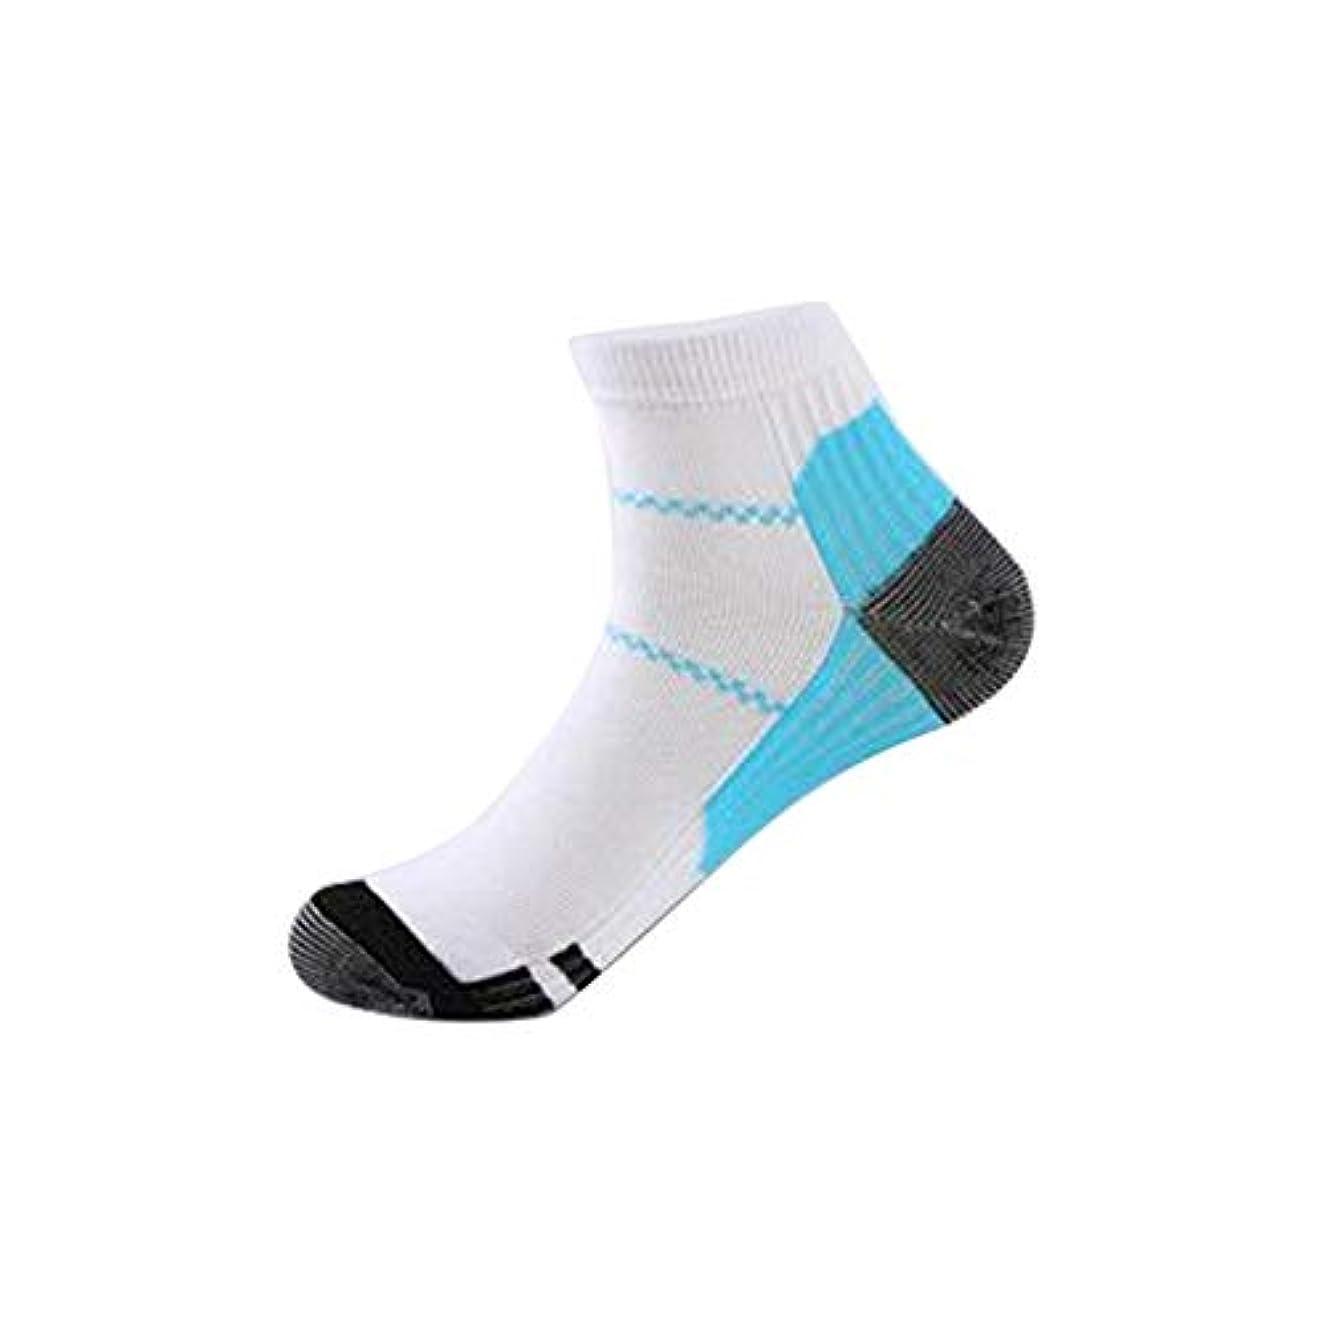 症状技術者構成する快適な男性女性ファッション短いストレッチ圧縮靴下膝ソックスサポートストレッチ通気性ソックス - ホワイト&ブルーS/M